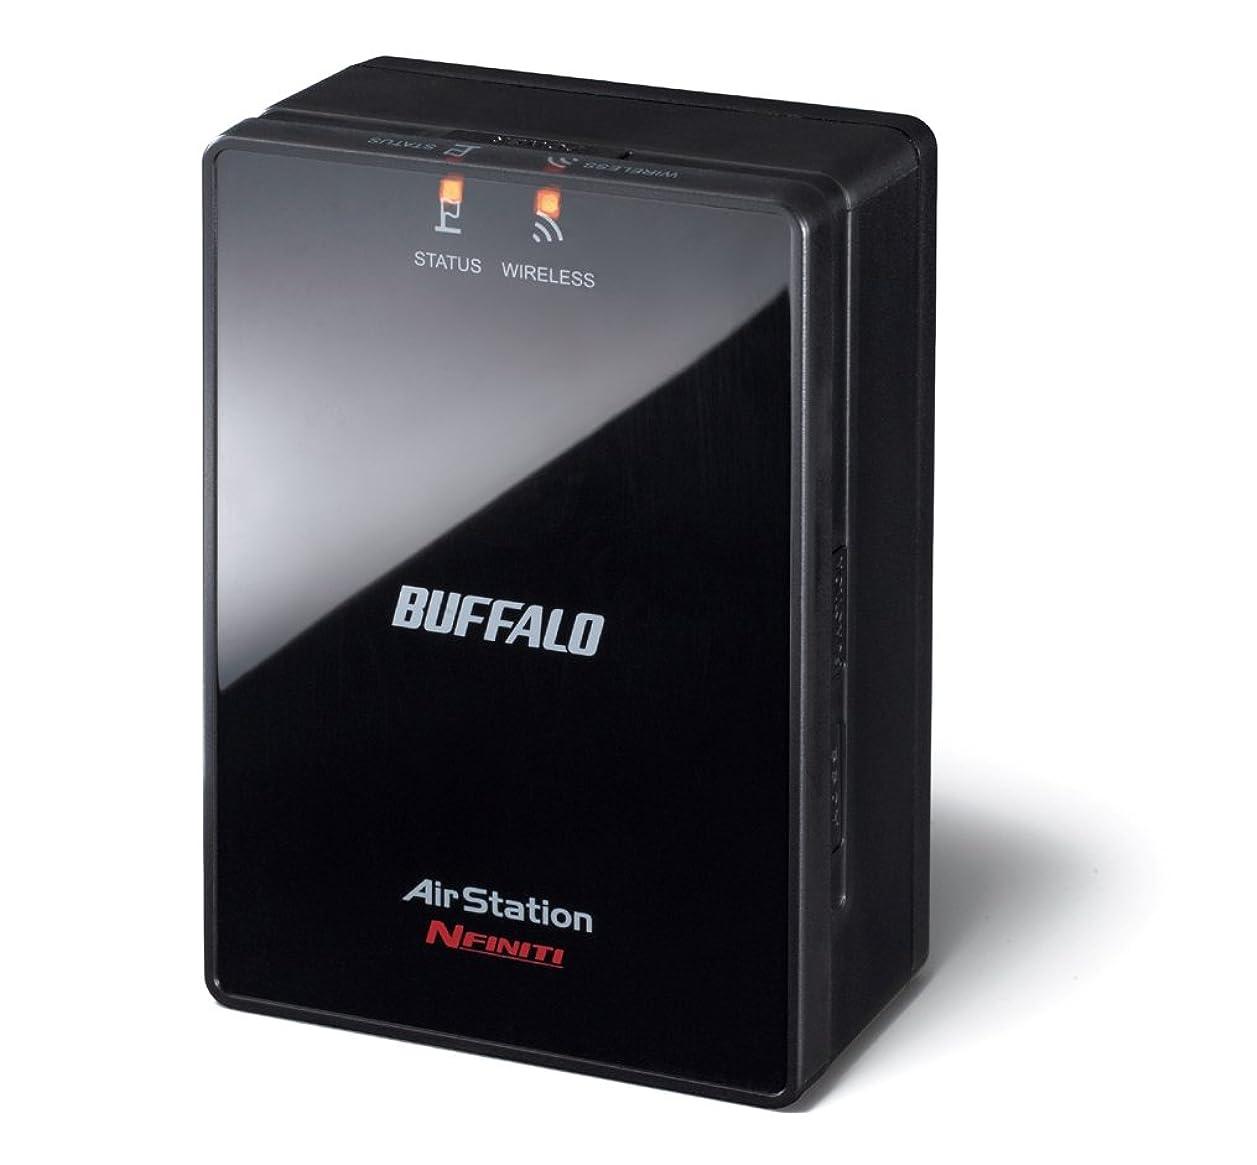 キャメル消化修正するBUFFALO ネットワーク対応家電用 ワイヤレスユニット スターターパック WLAE-AG300N/V